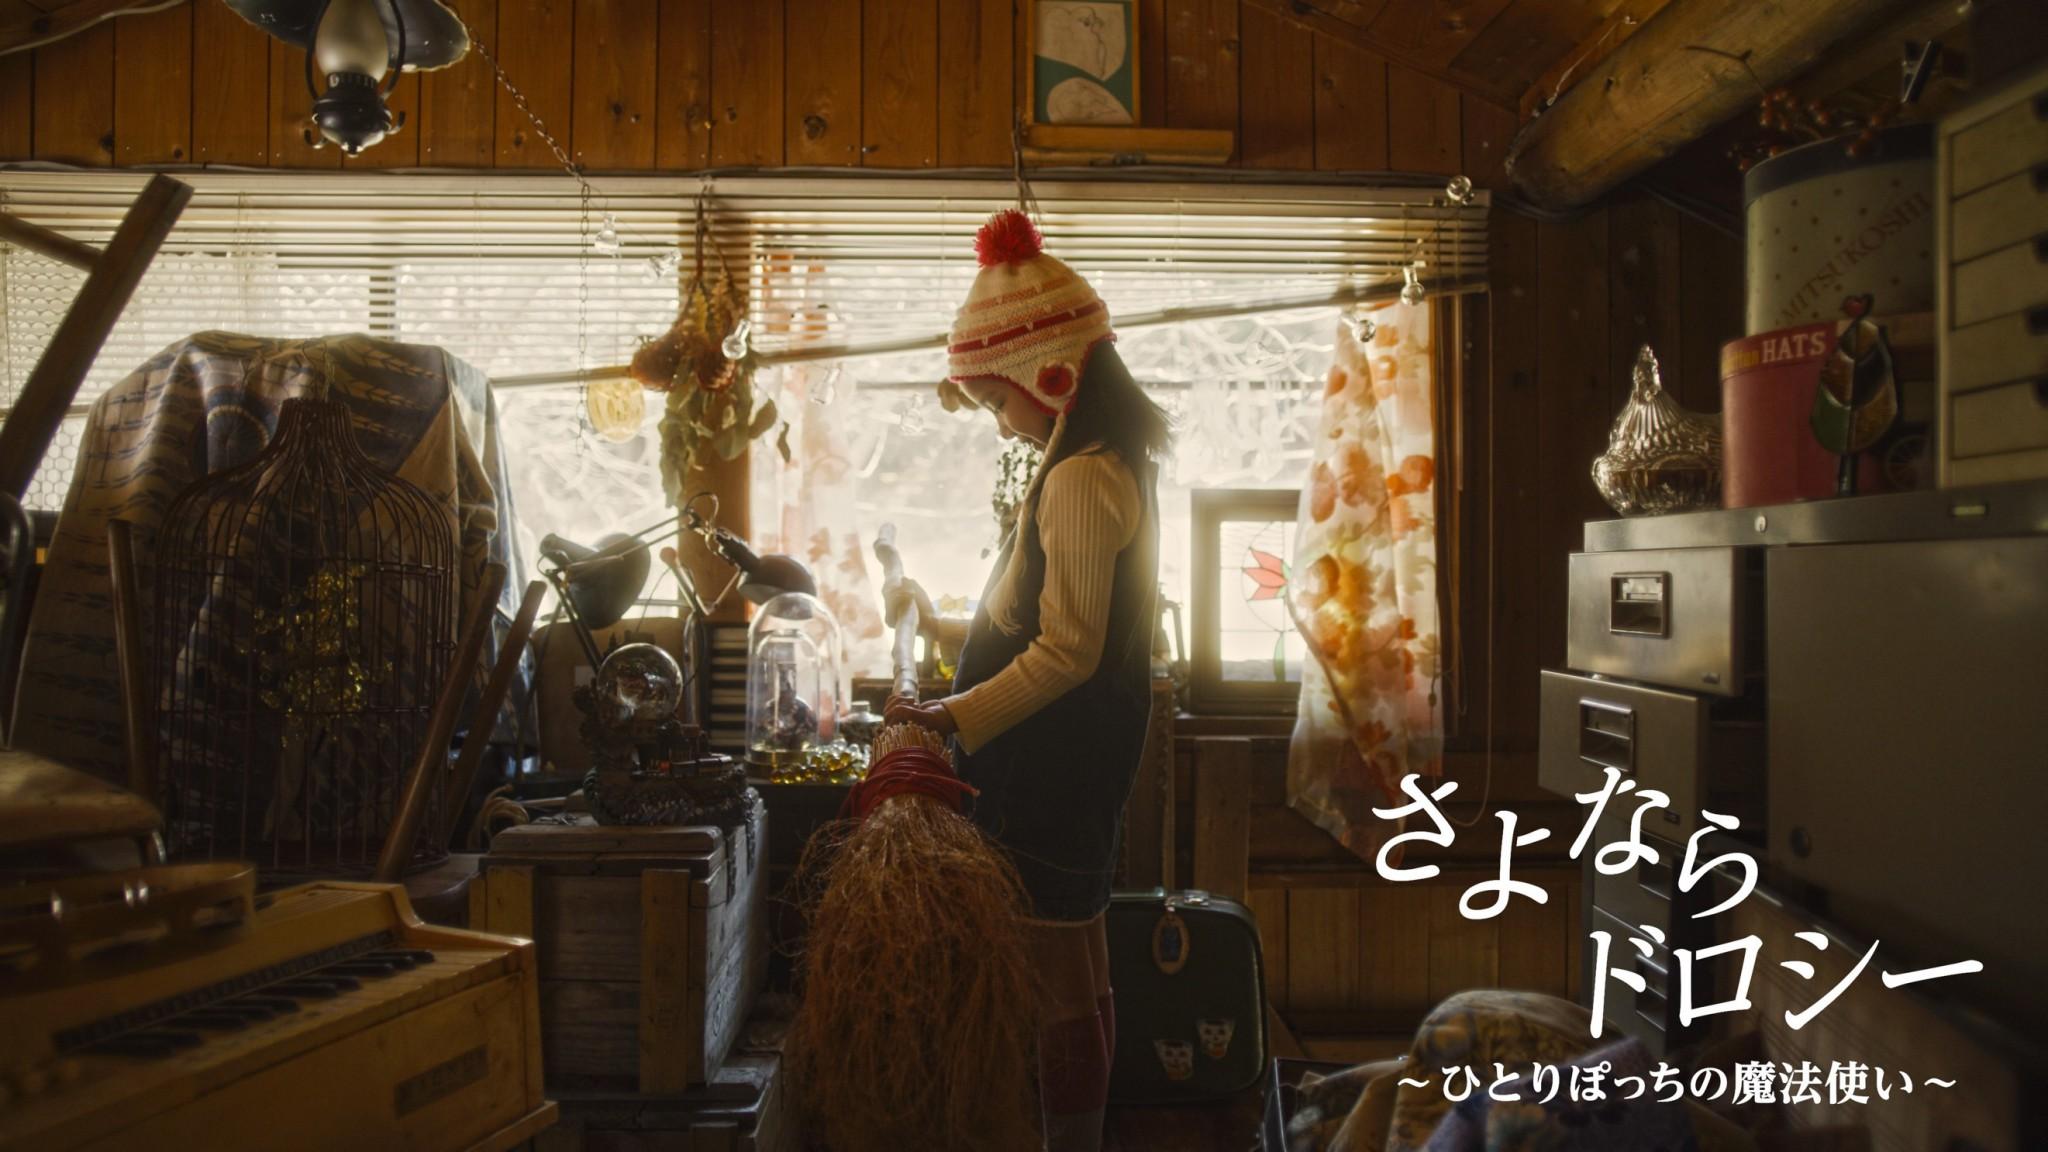 【ネスレシアター】世界を巡るショートフィルム劇場!今週は『ノディ』(オースト